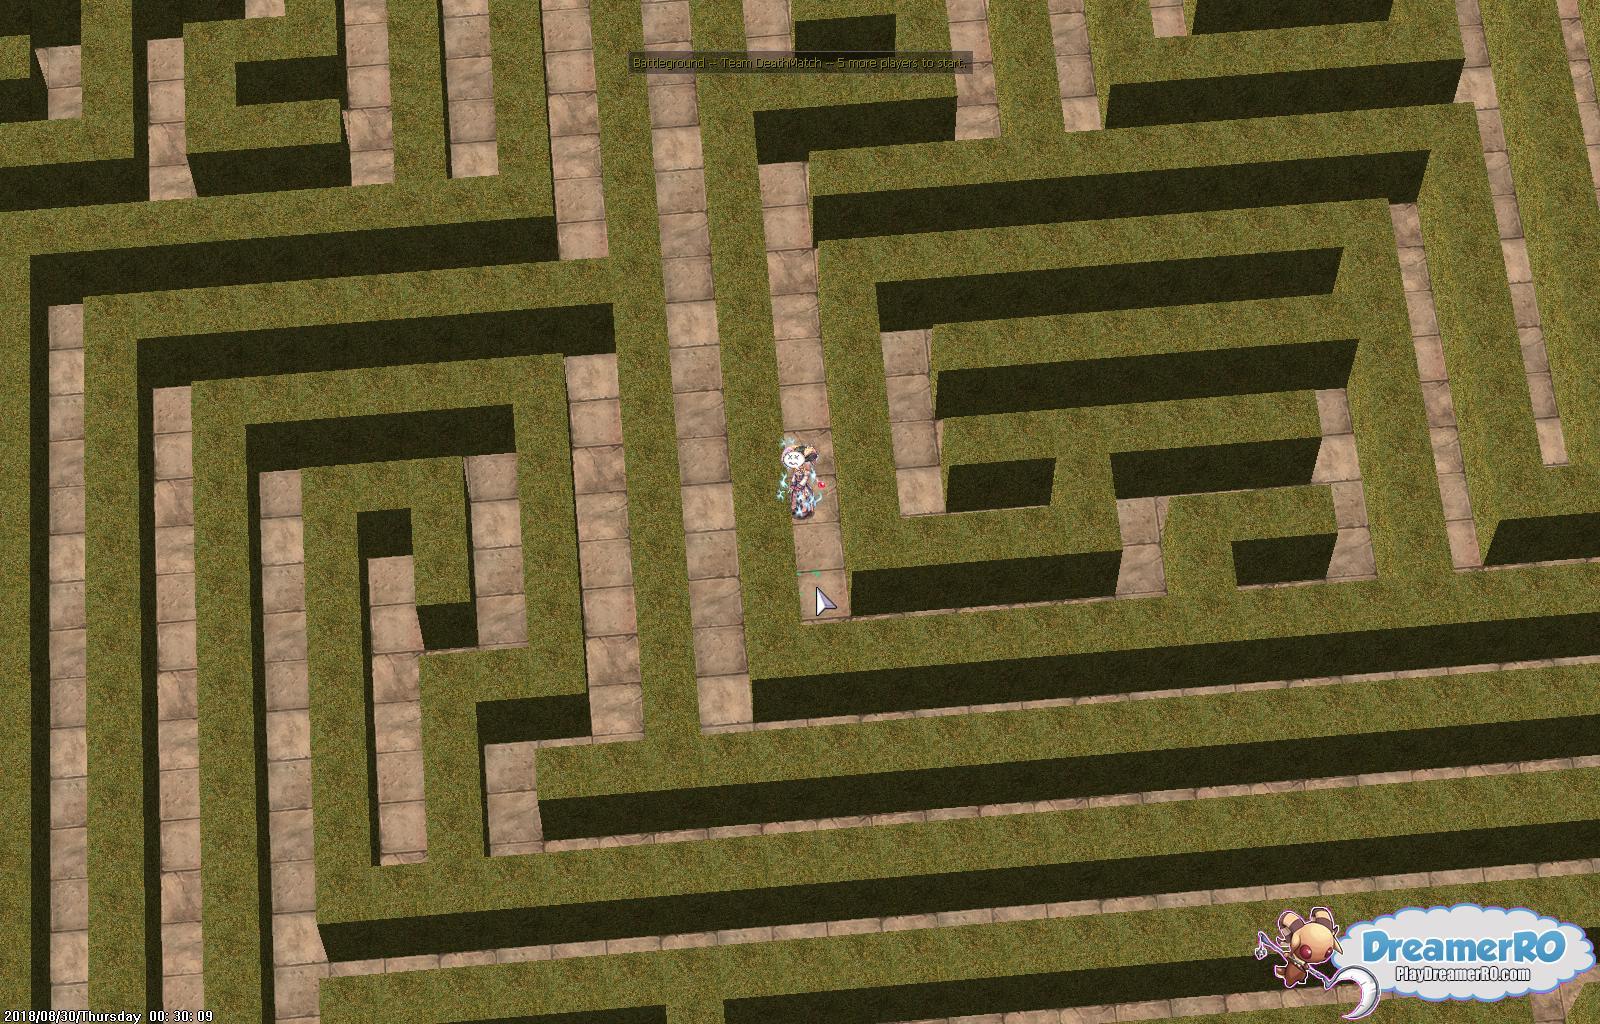 screen_Dreamer_RO031.jpg